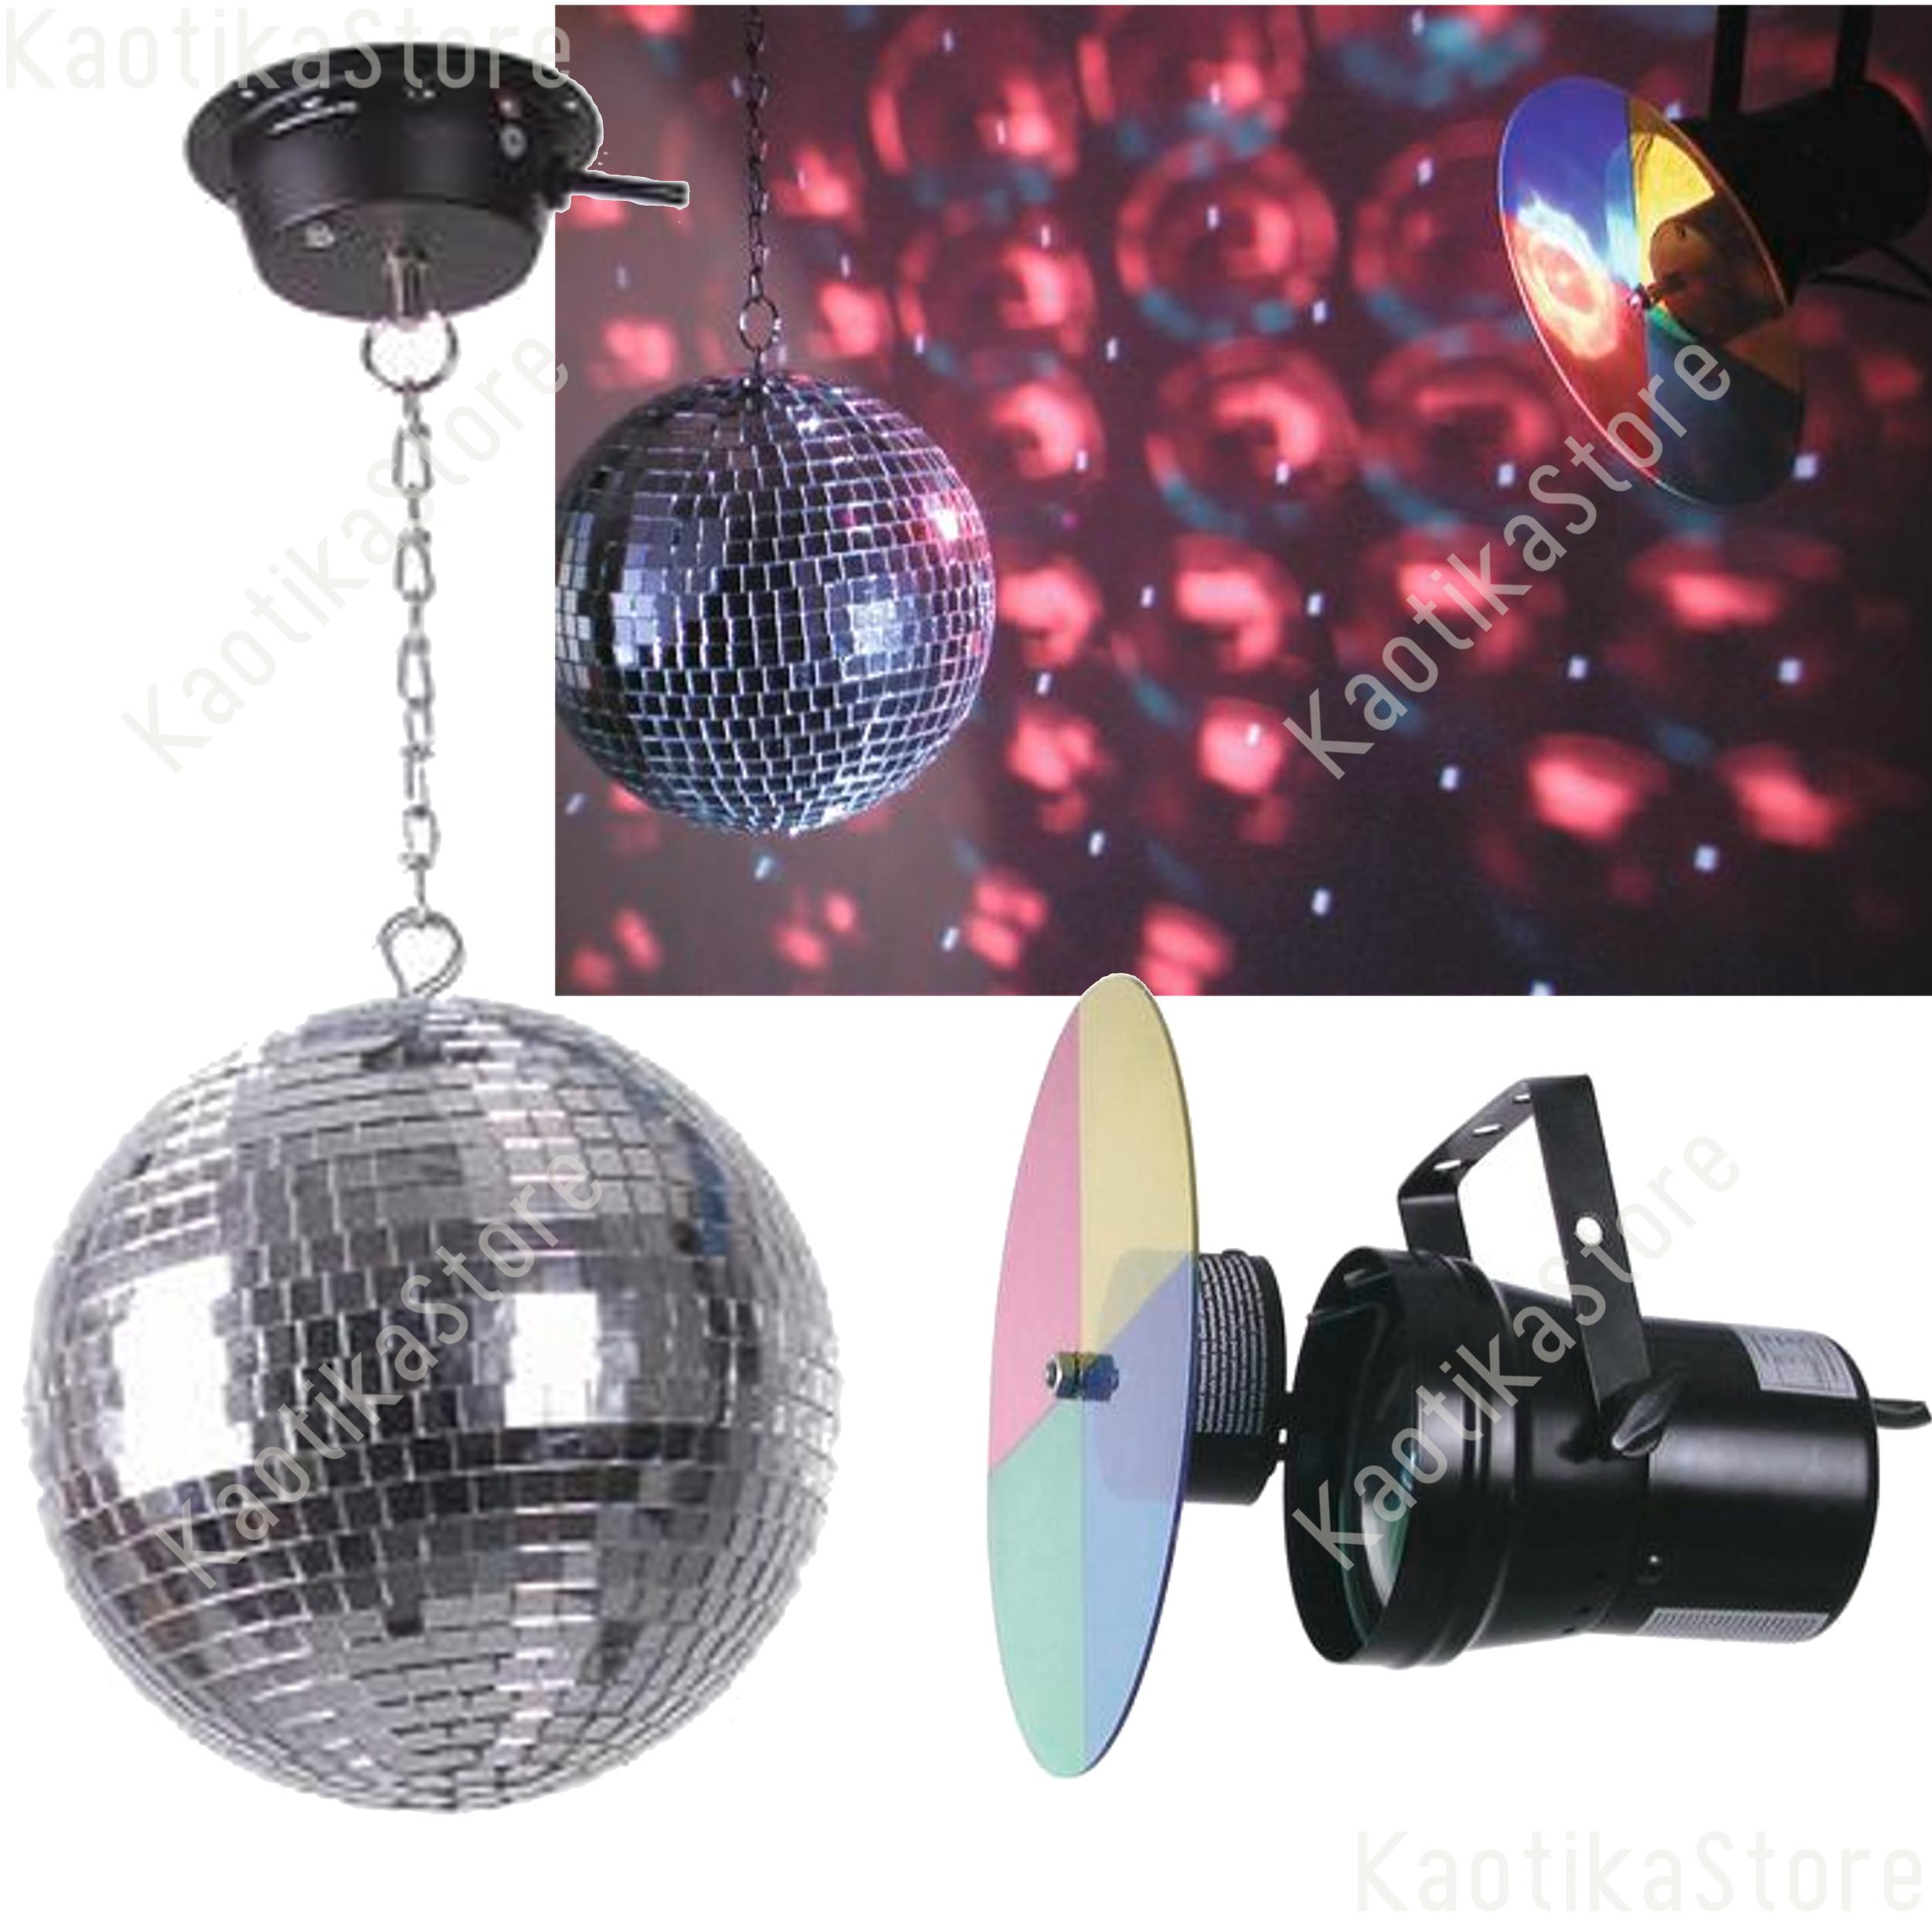 Palla sfera specchi dj 20cm motore faretto par36 ruota colori kaotikastore ebay - Specchi riflessi karaoke ...